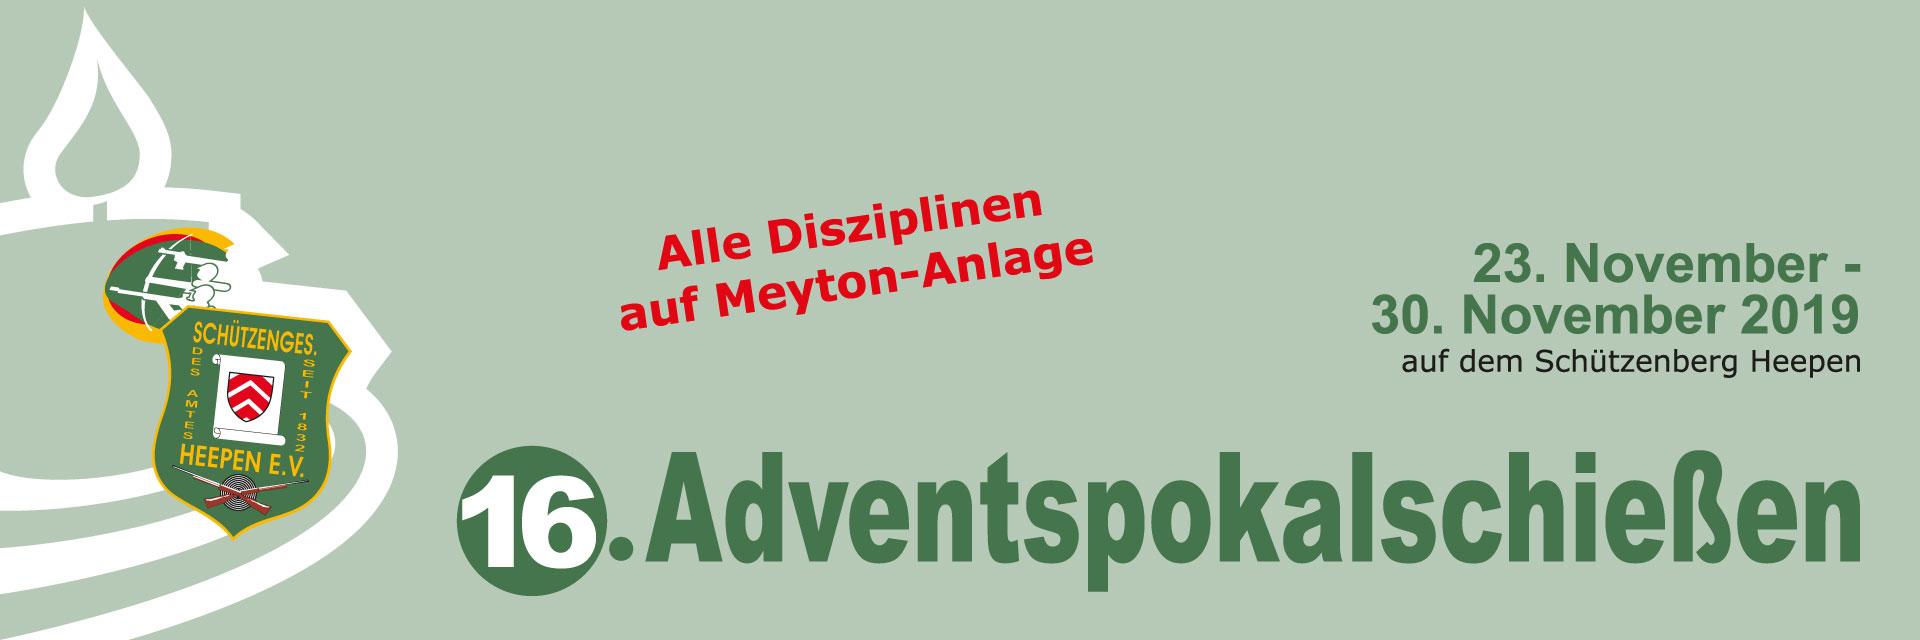 Banner Adventspokalschiessen